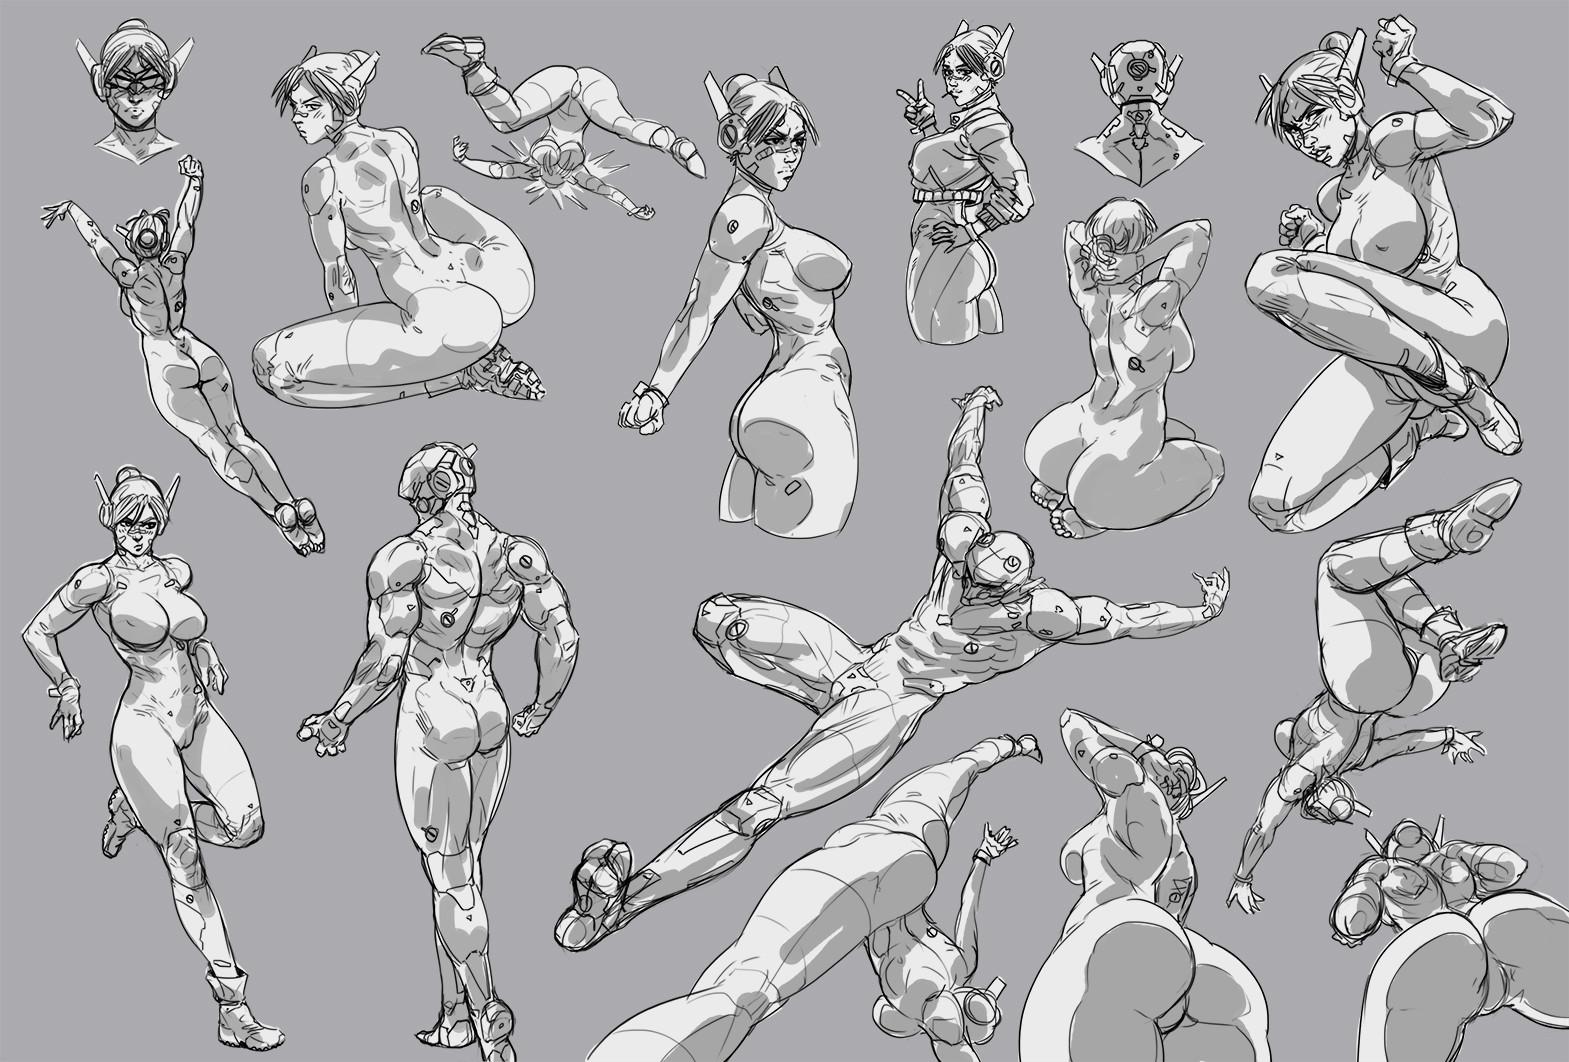 Salvador trakal sketch64a